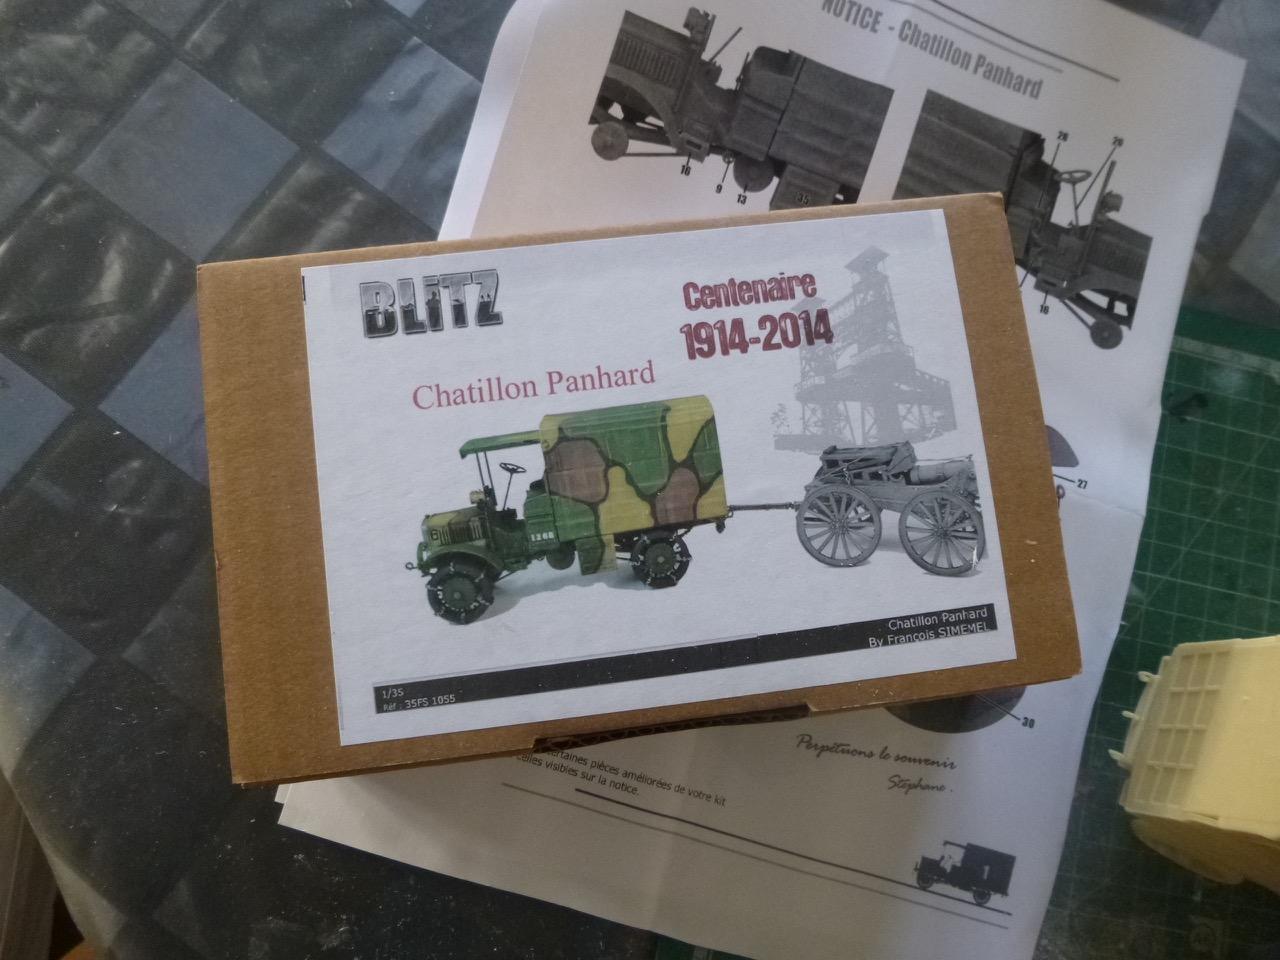 Camion Chatillon Panhard 1917 - résine de chez Blitz au 1/35 170327032955569873